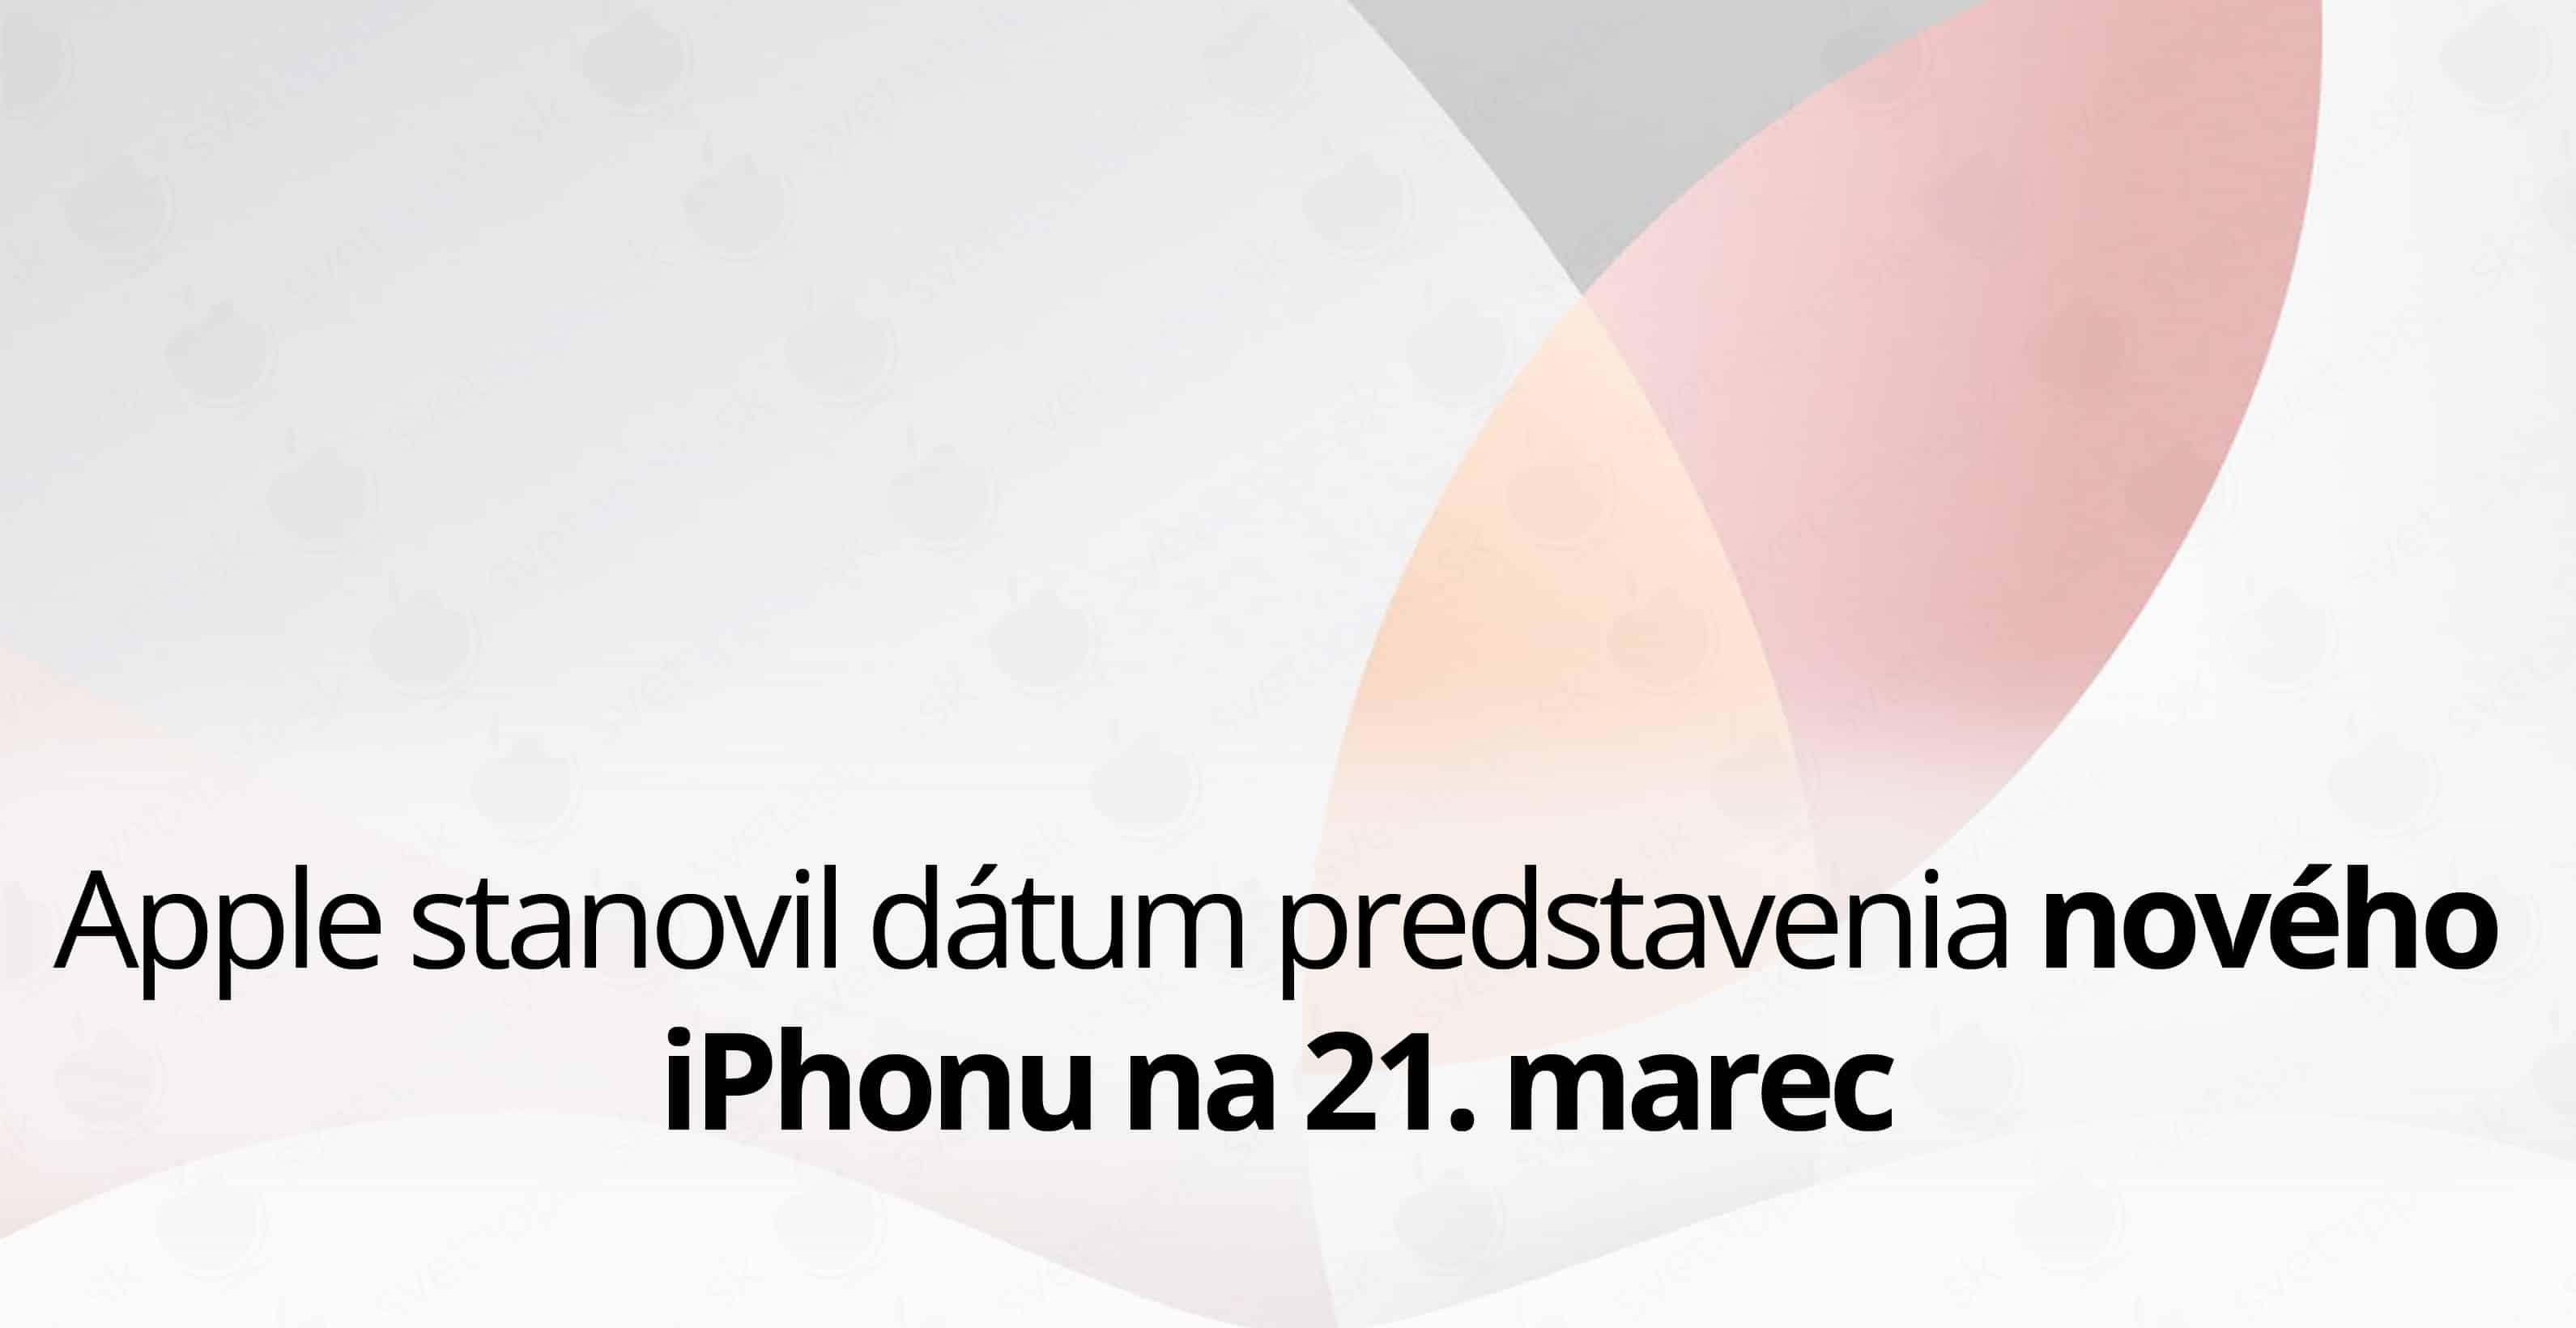 Apple stanovil dátum predstavenia nového iPhonu na 21.marec